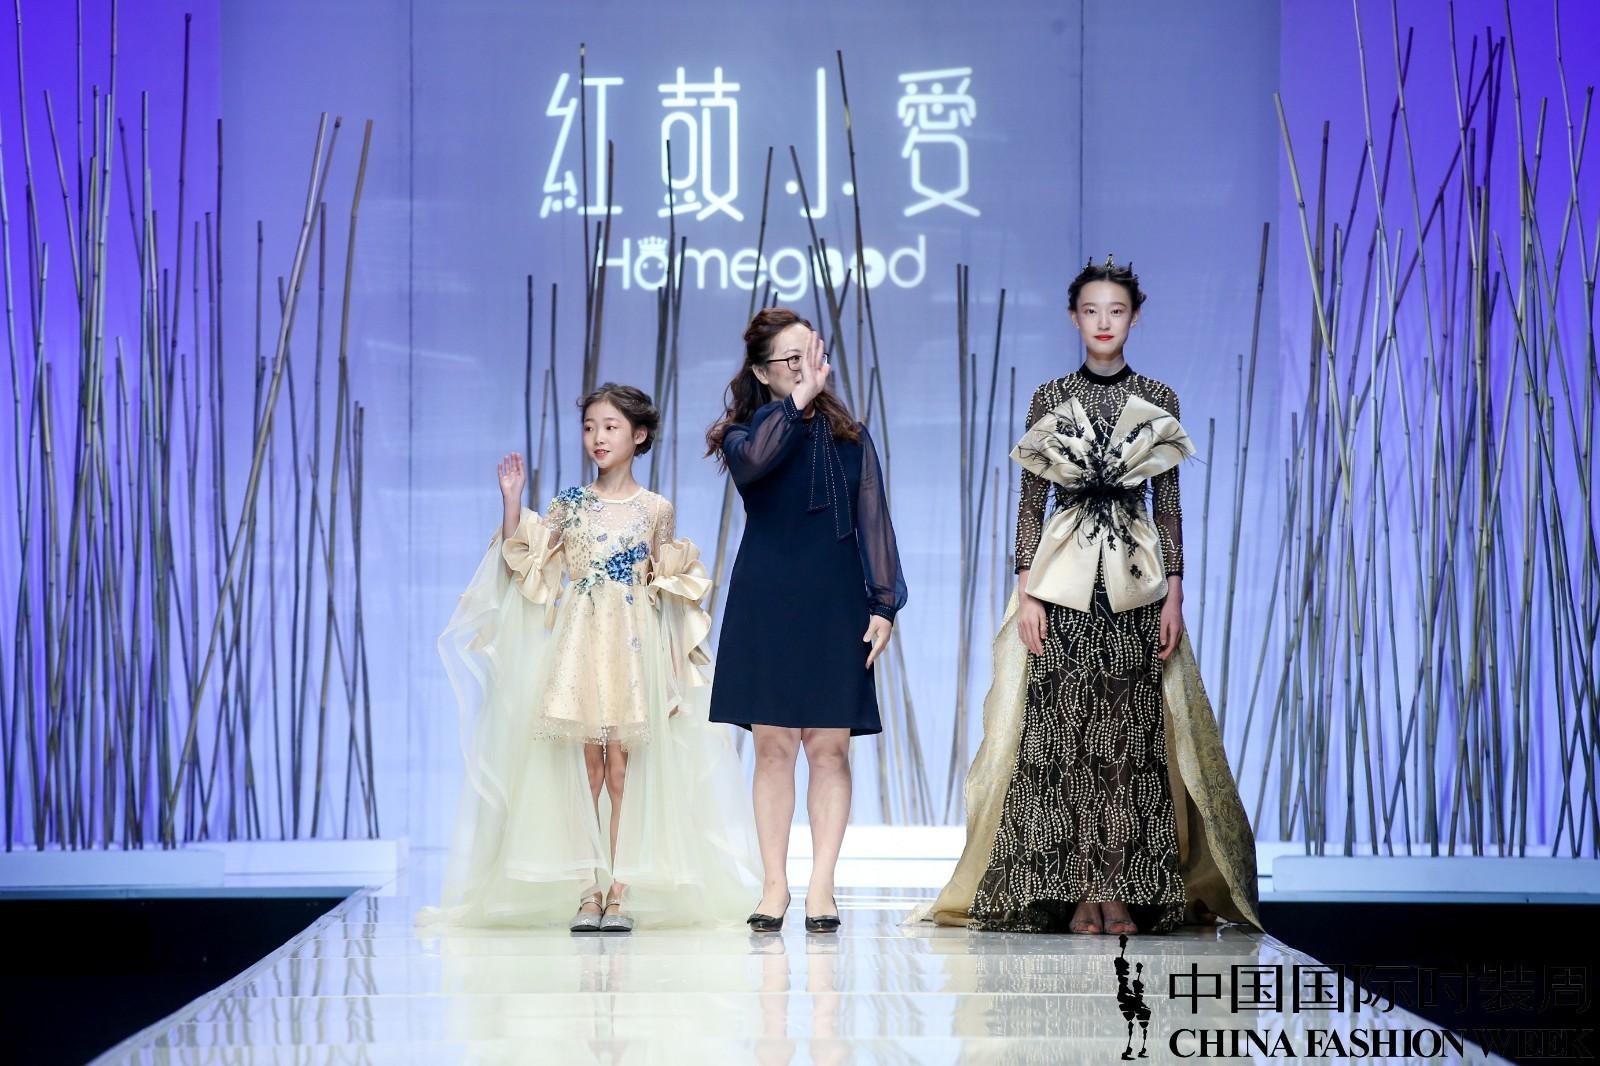 FMR2018潮模偶像裴思璇 荣登中国国际时装周首秀开场